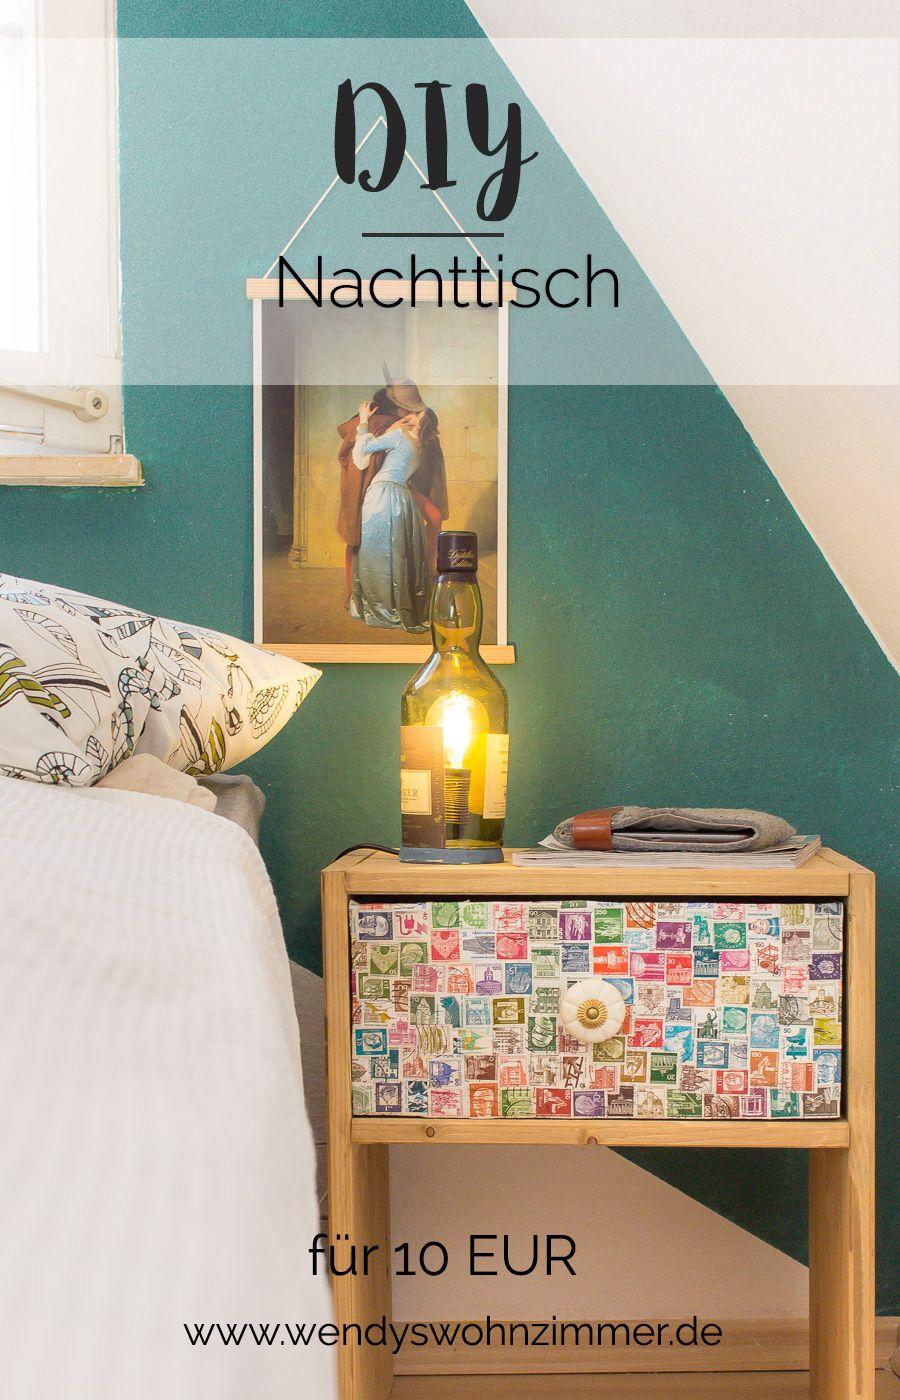 Diy Nachttisch Selber Bauen Wendys Wohnzimmer Pinterest